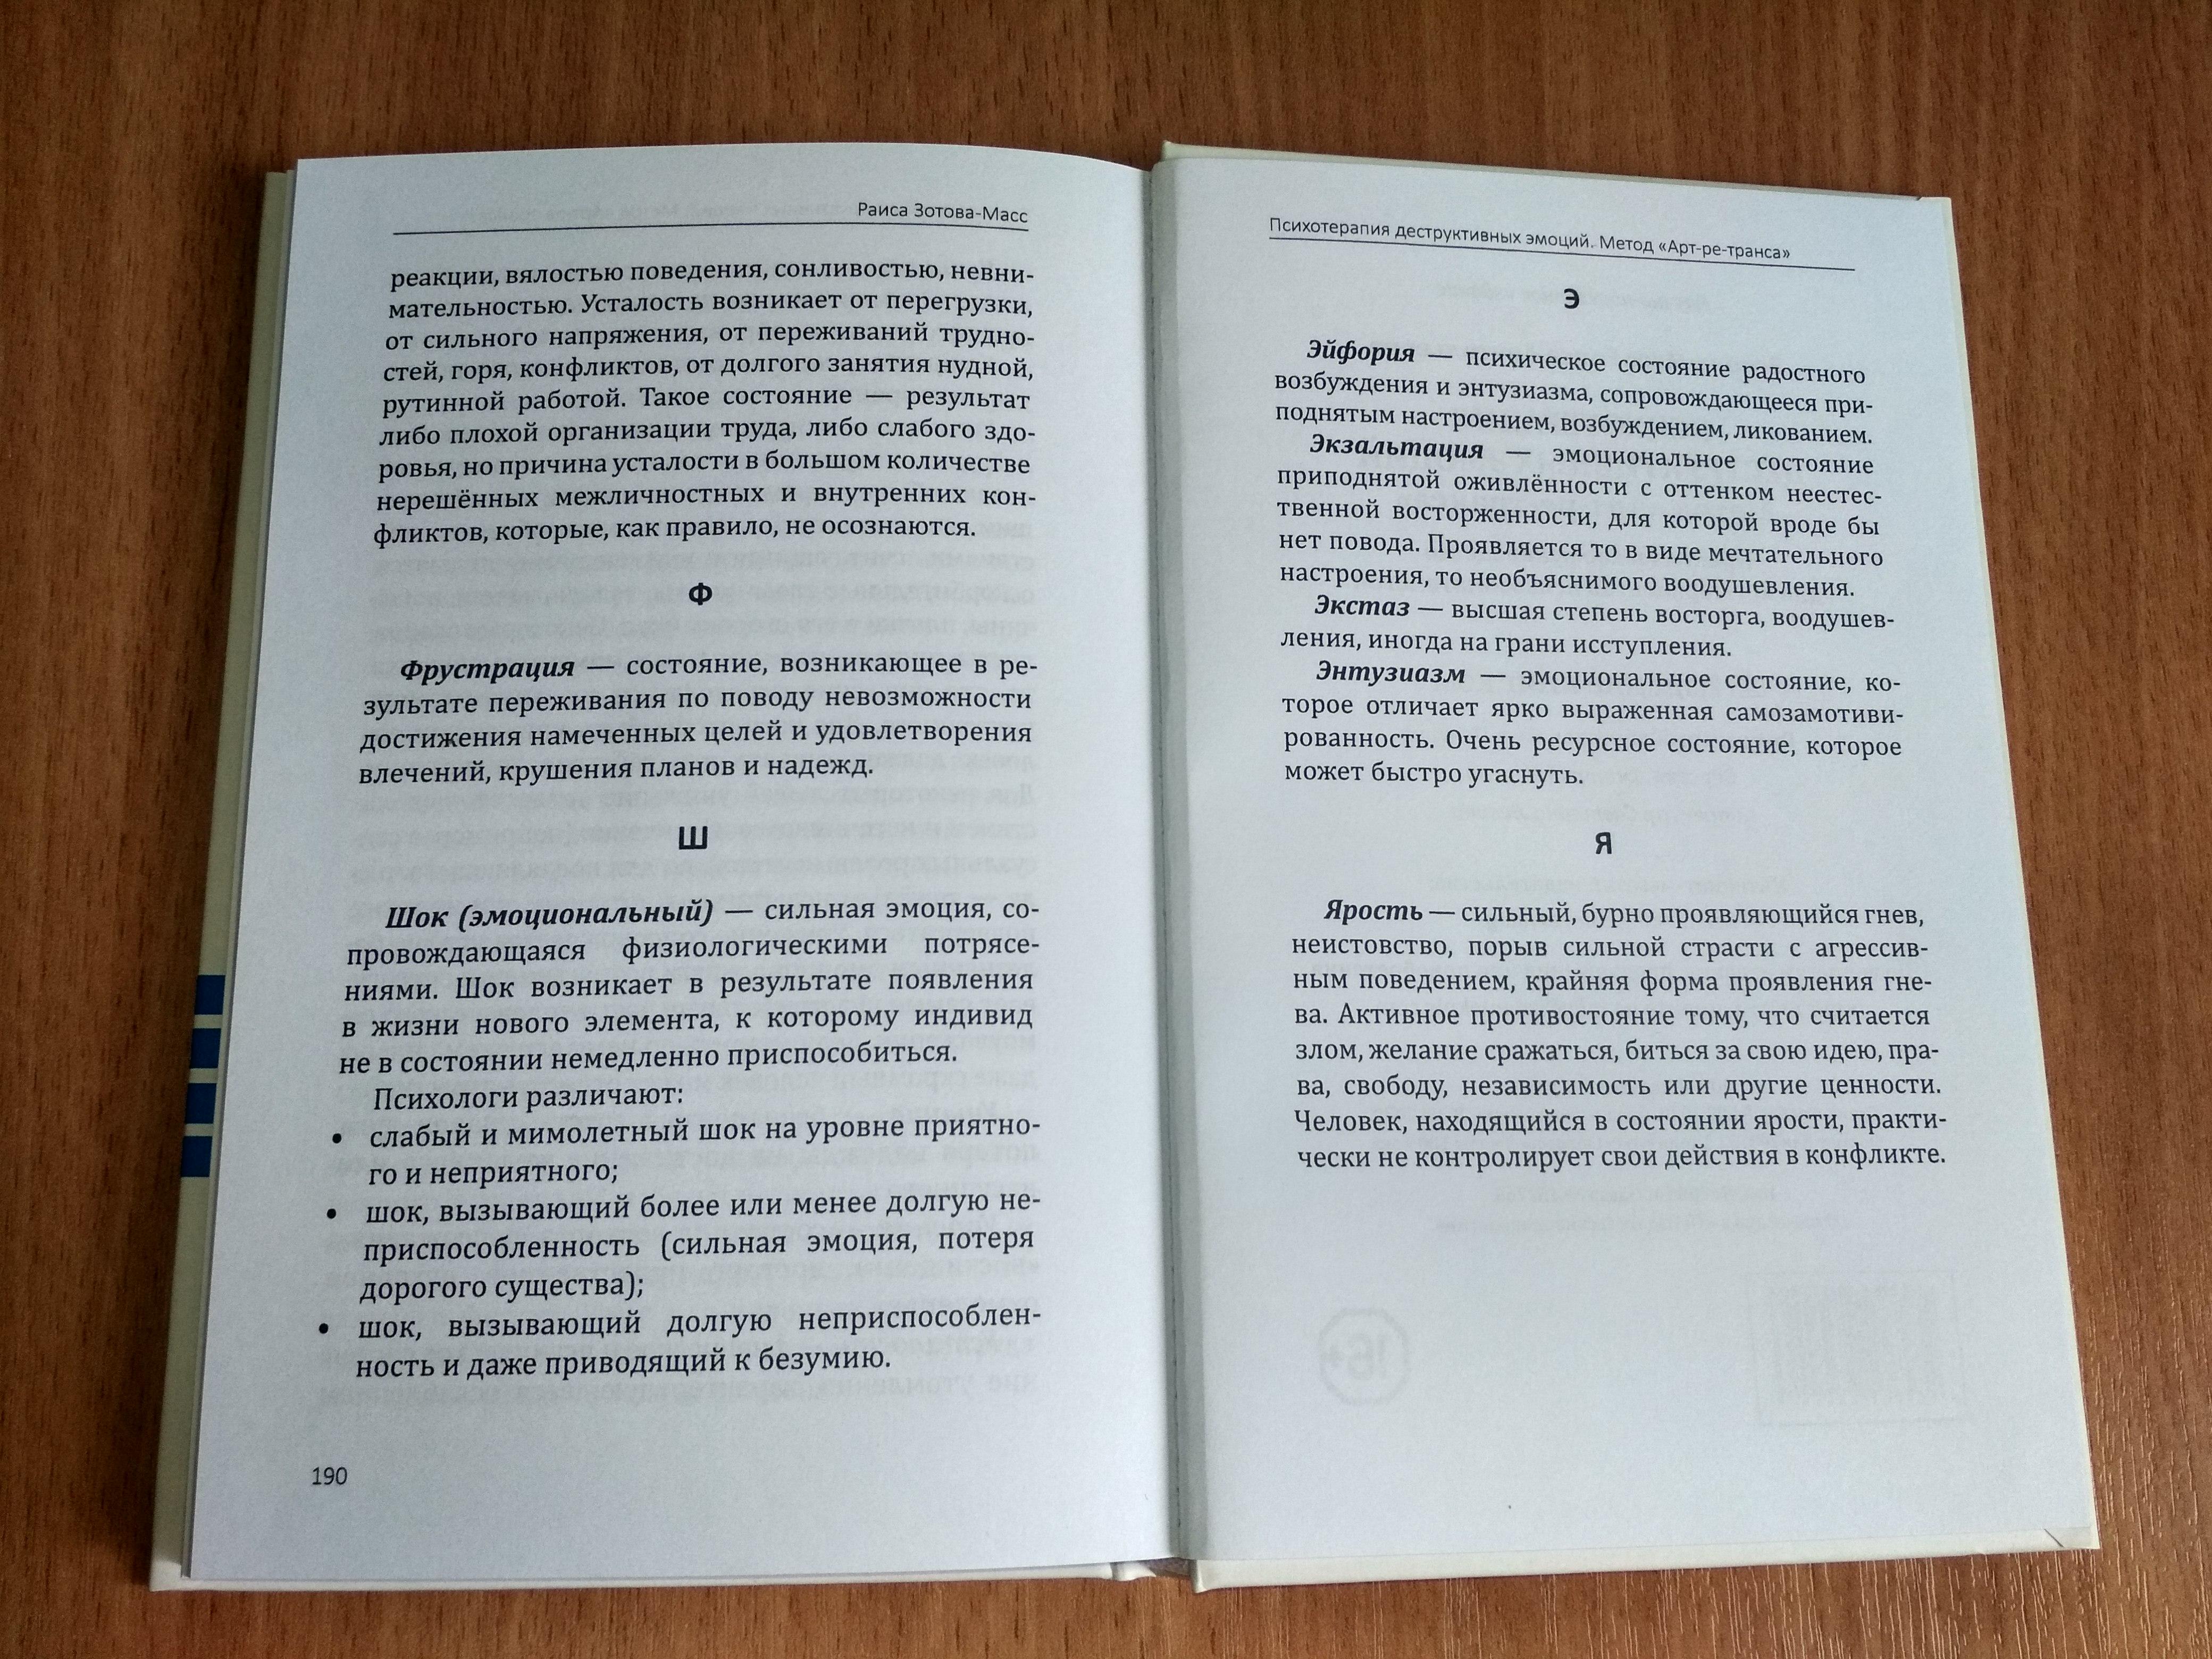 психотерапия деструктивных эмоций книга, психотерапия деструктивных эмоций, раиса зотова-масс психотерапия деструктивных эмоций